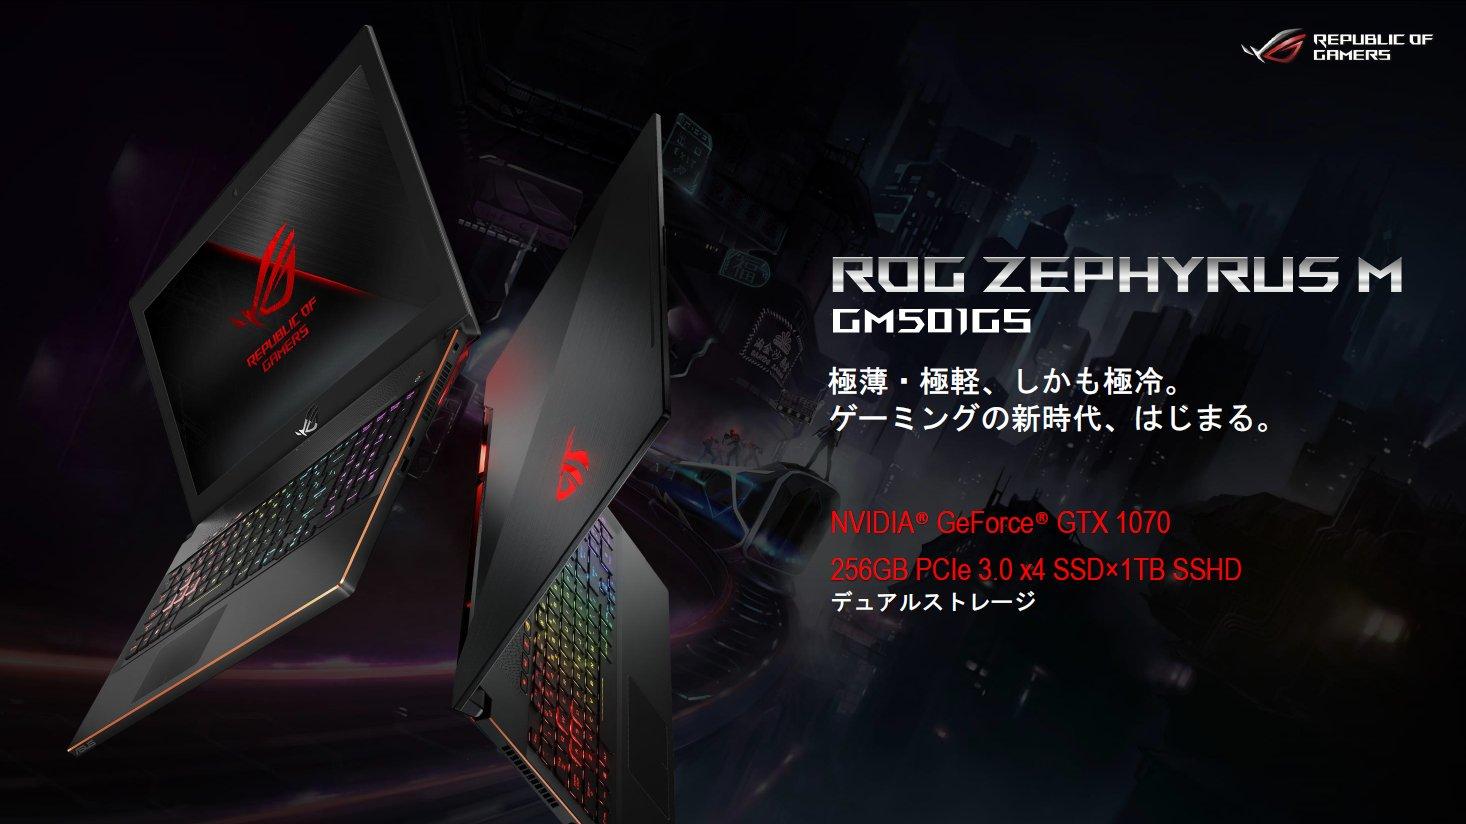 ゲーミングノートPC「ROG ZEPHYRUS M」